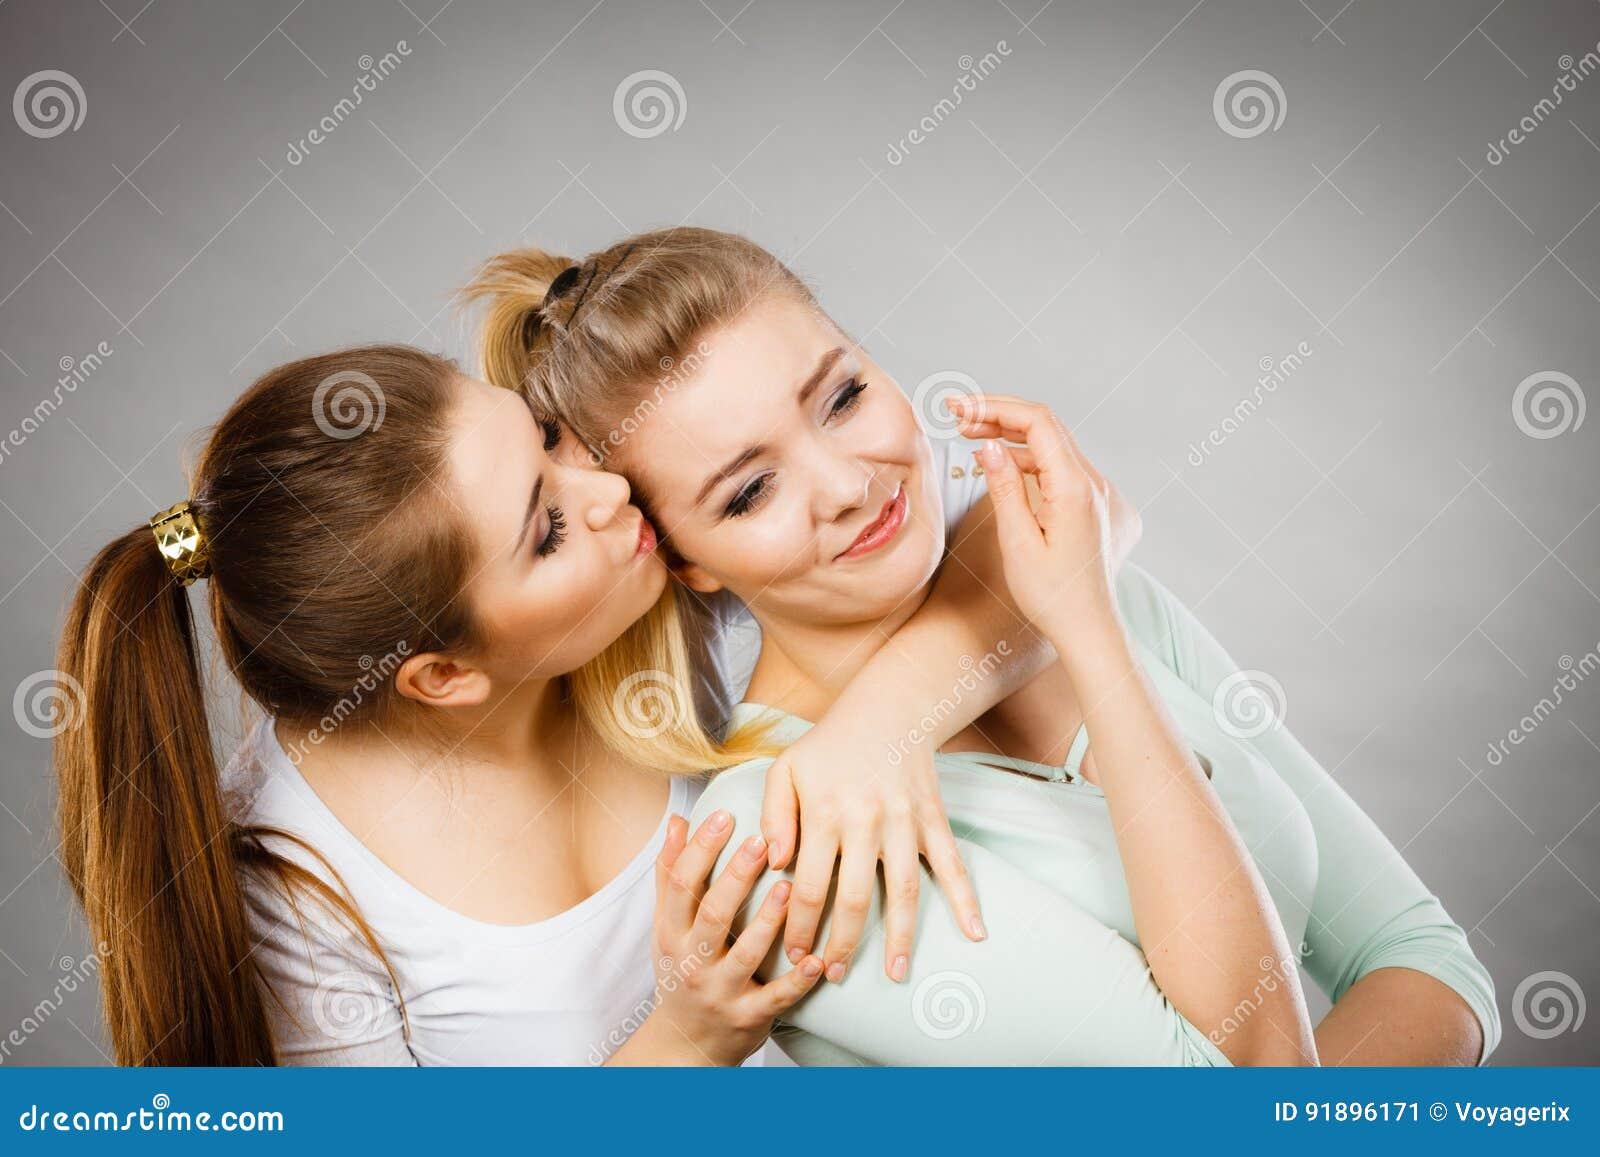 zuster vrouwen dating websites Top 10 Pick up lines voor online dating